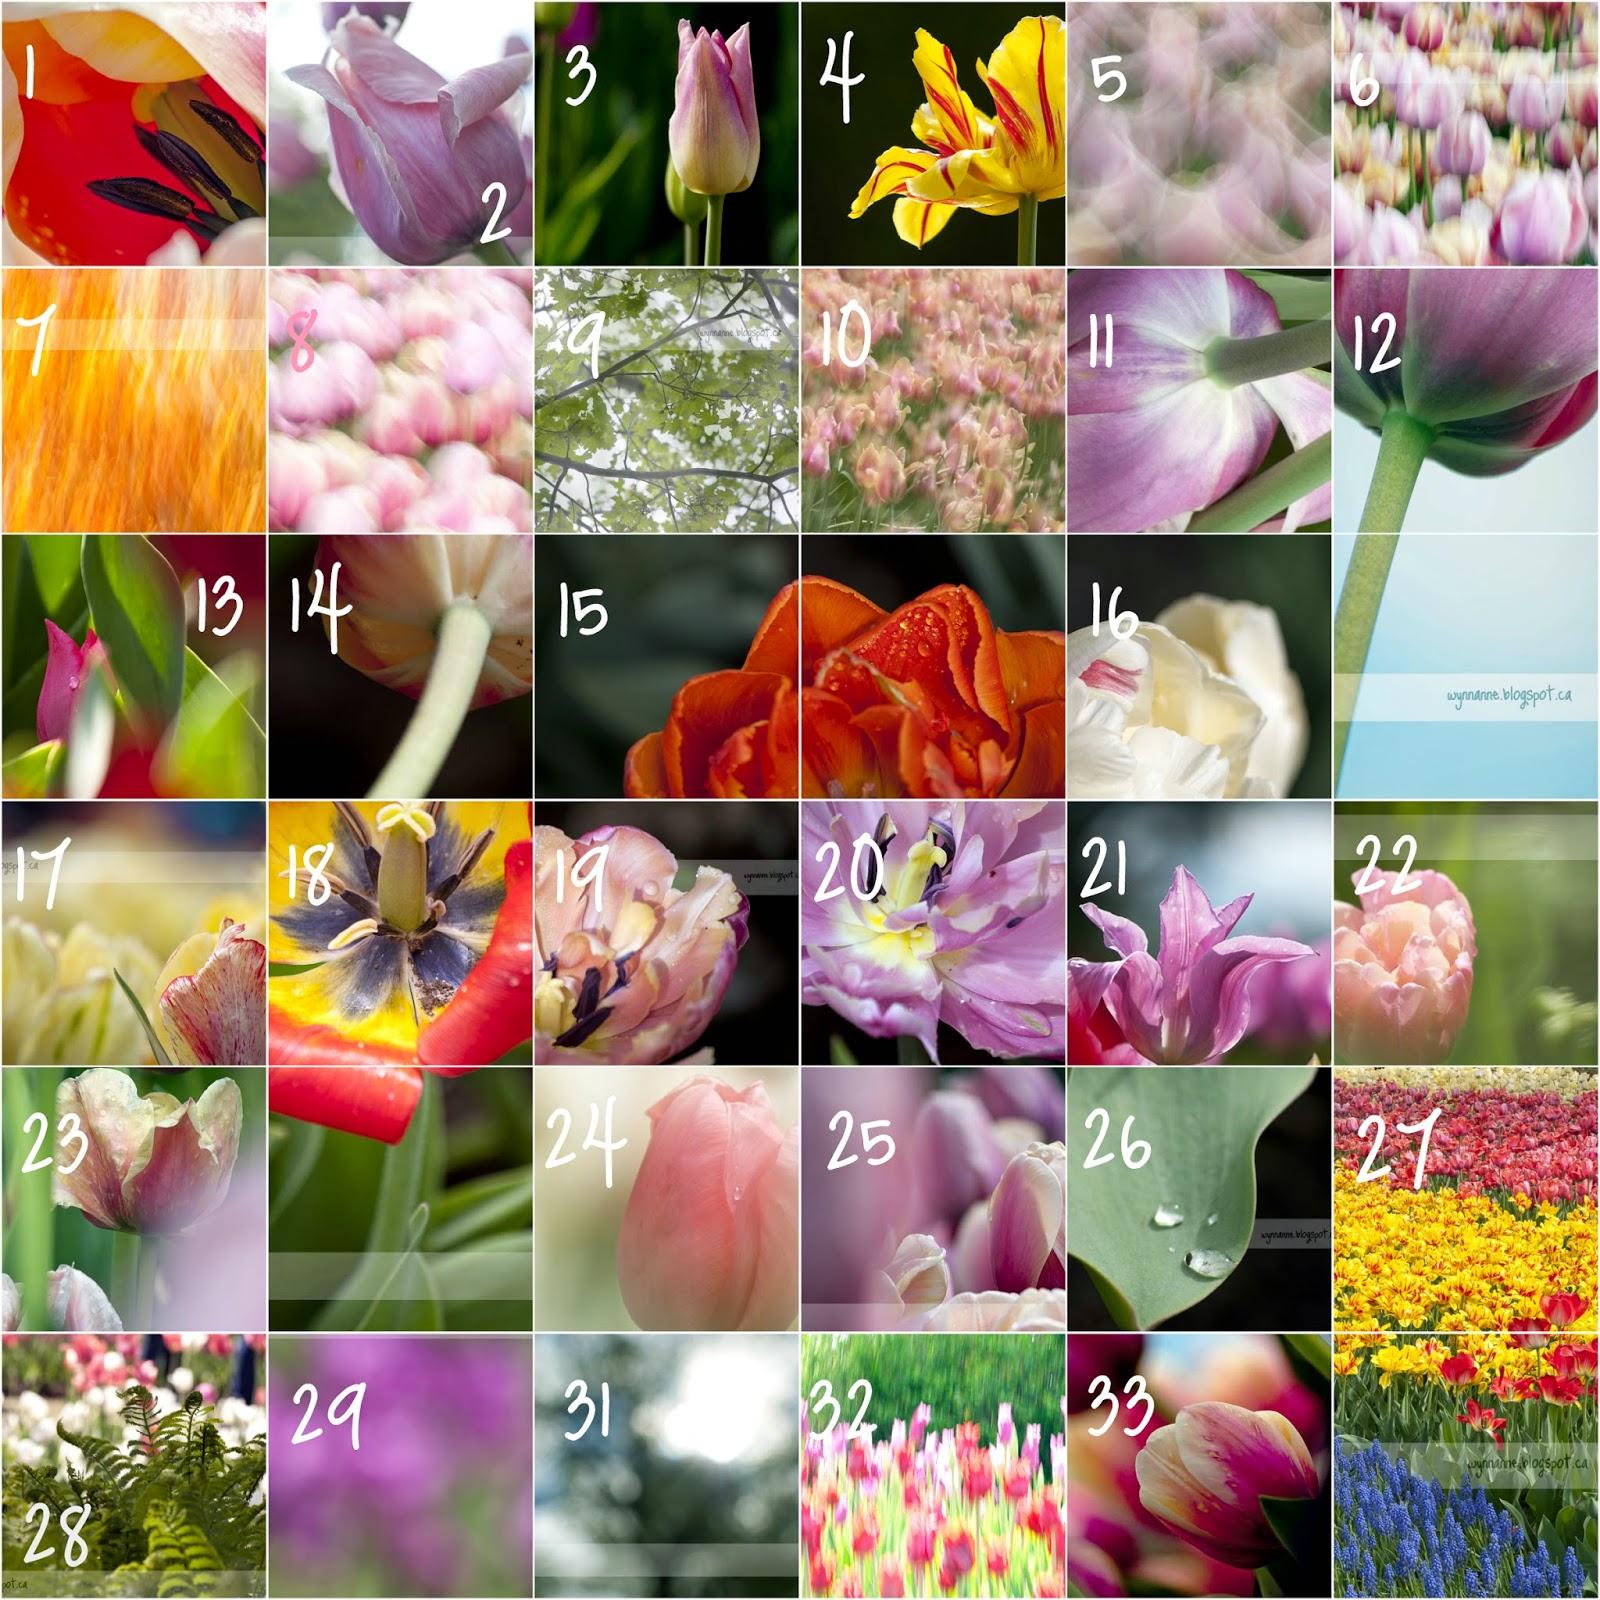 Fine Art Flower Photography | Wynn Anne's Meanderings